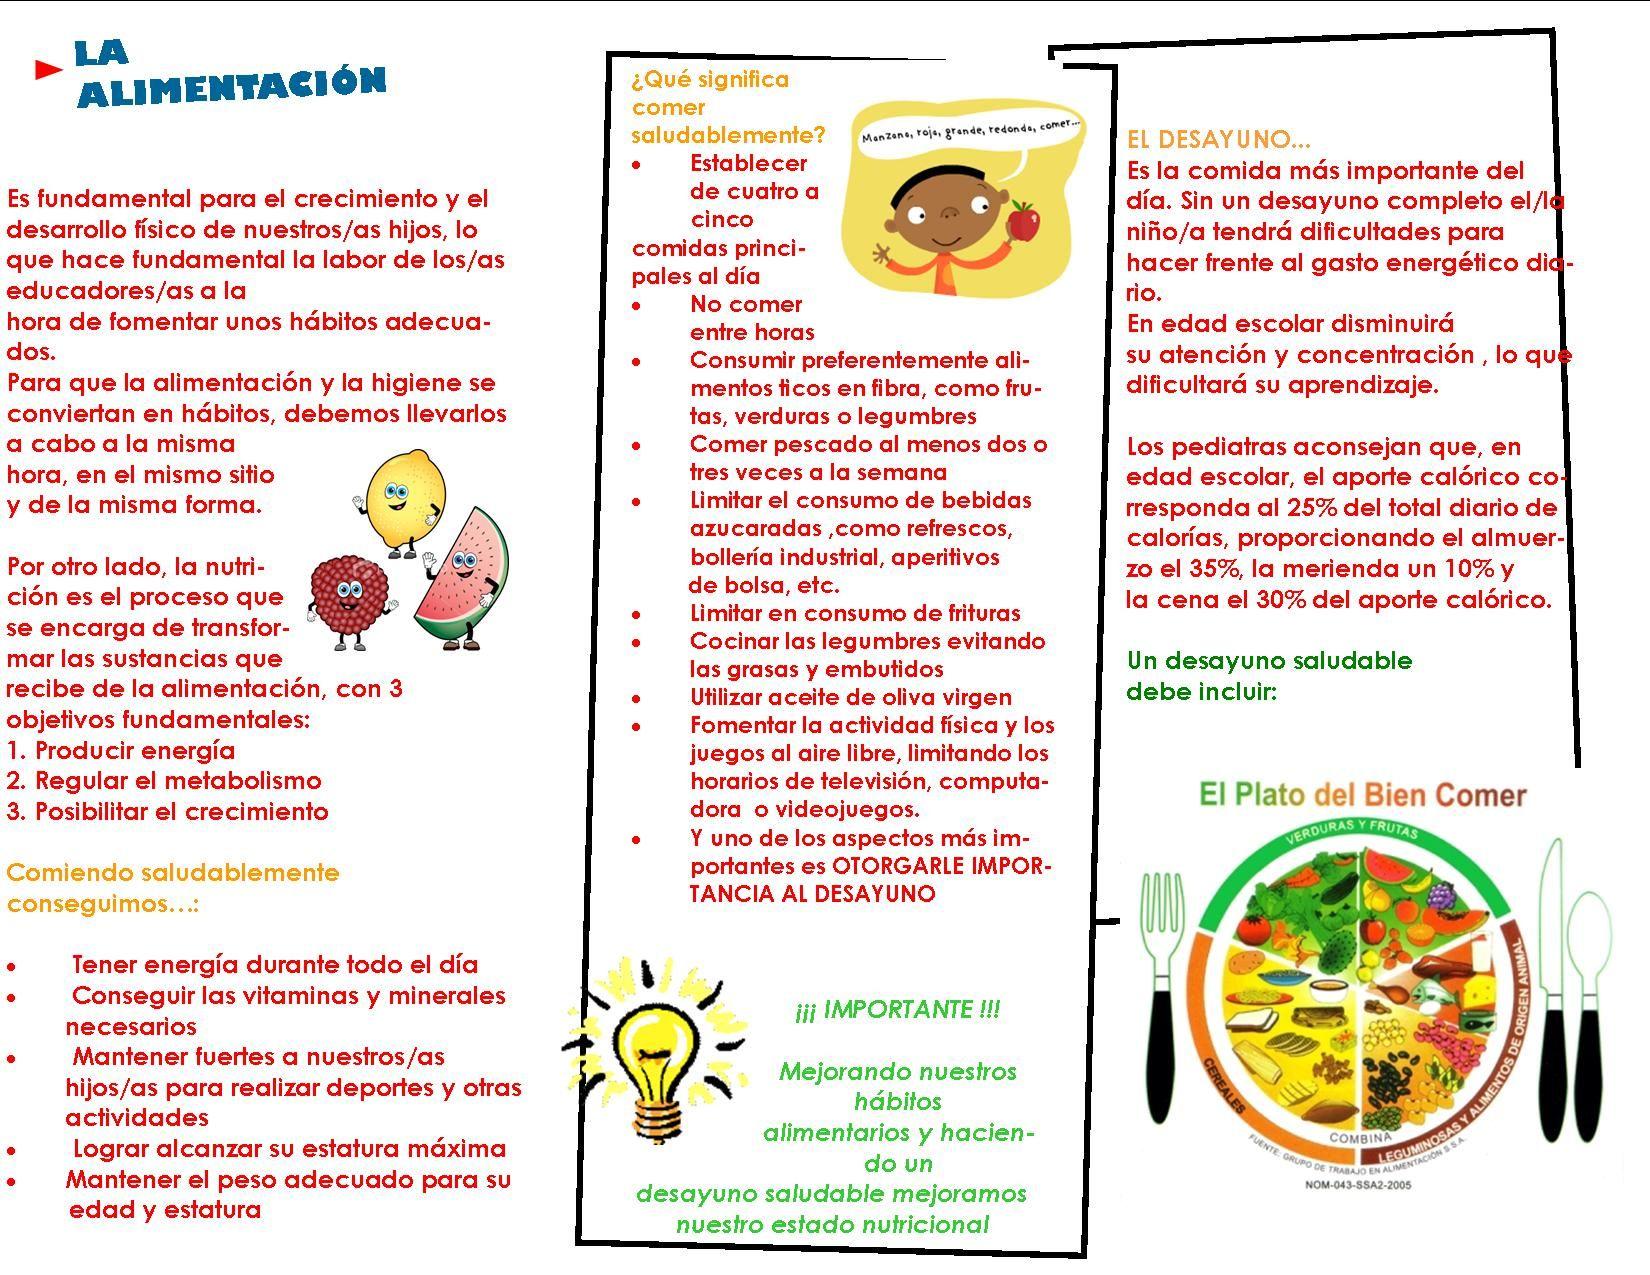 tripticos sobre alimentacion sana en los niños - Buscar con Google ...